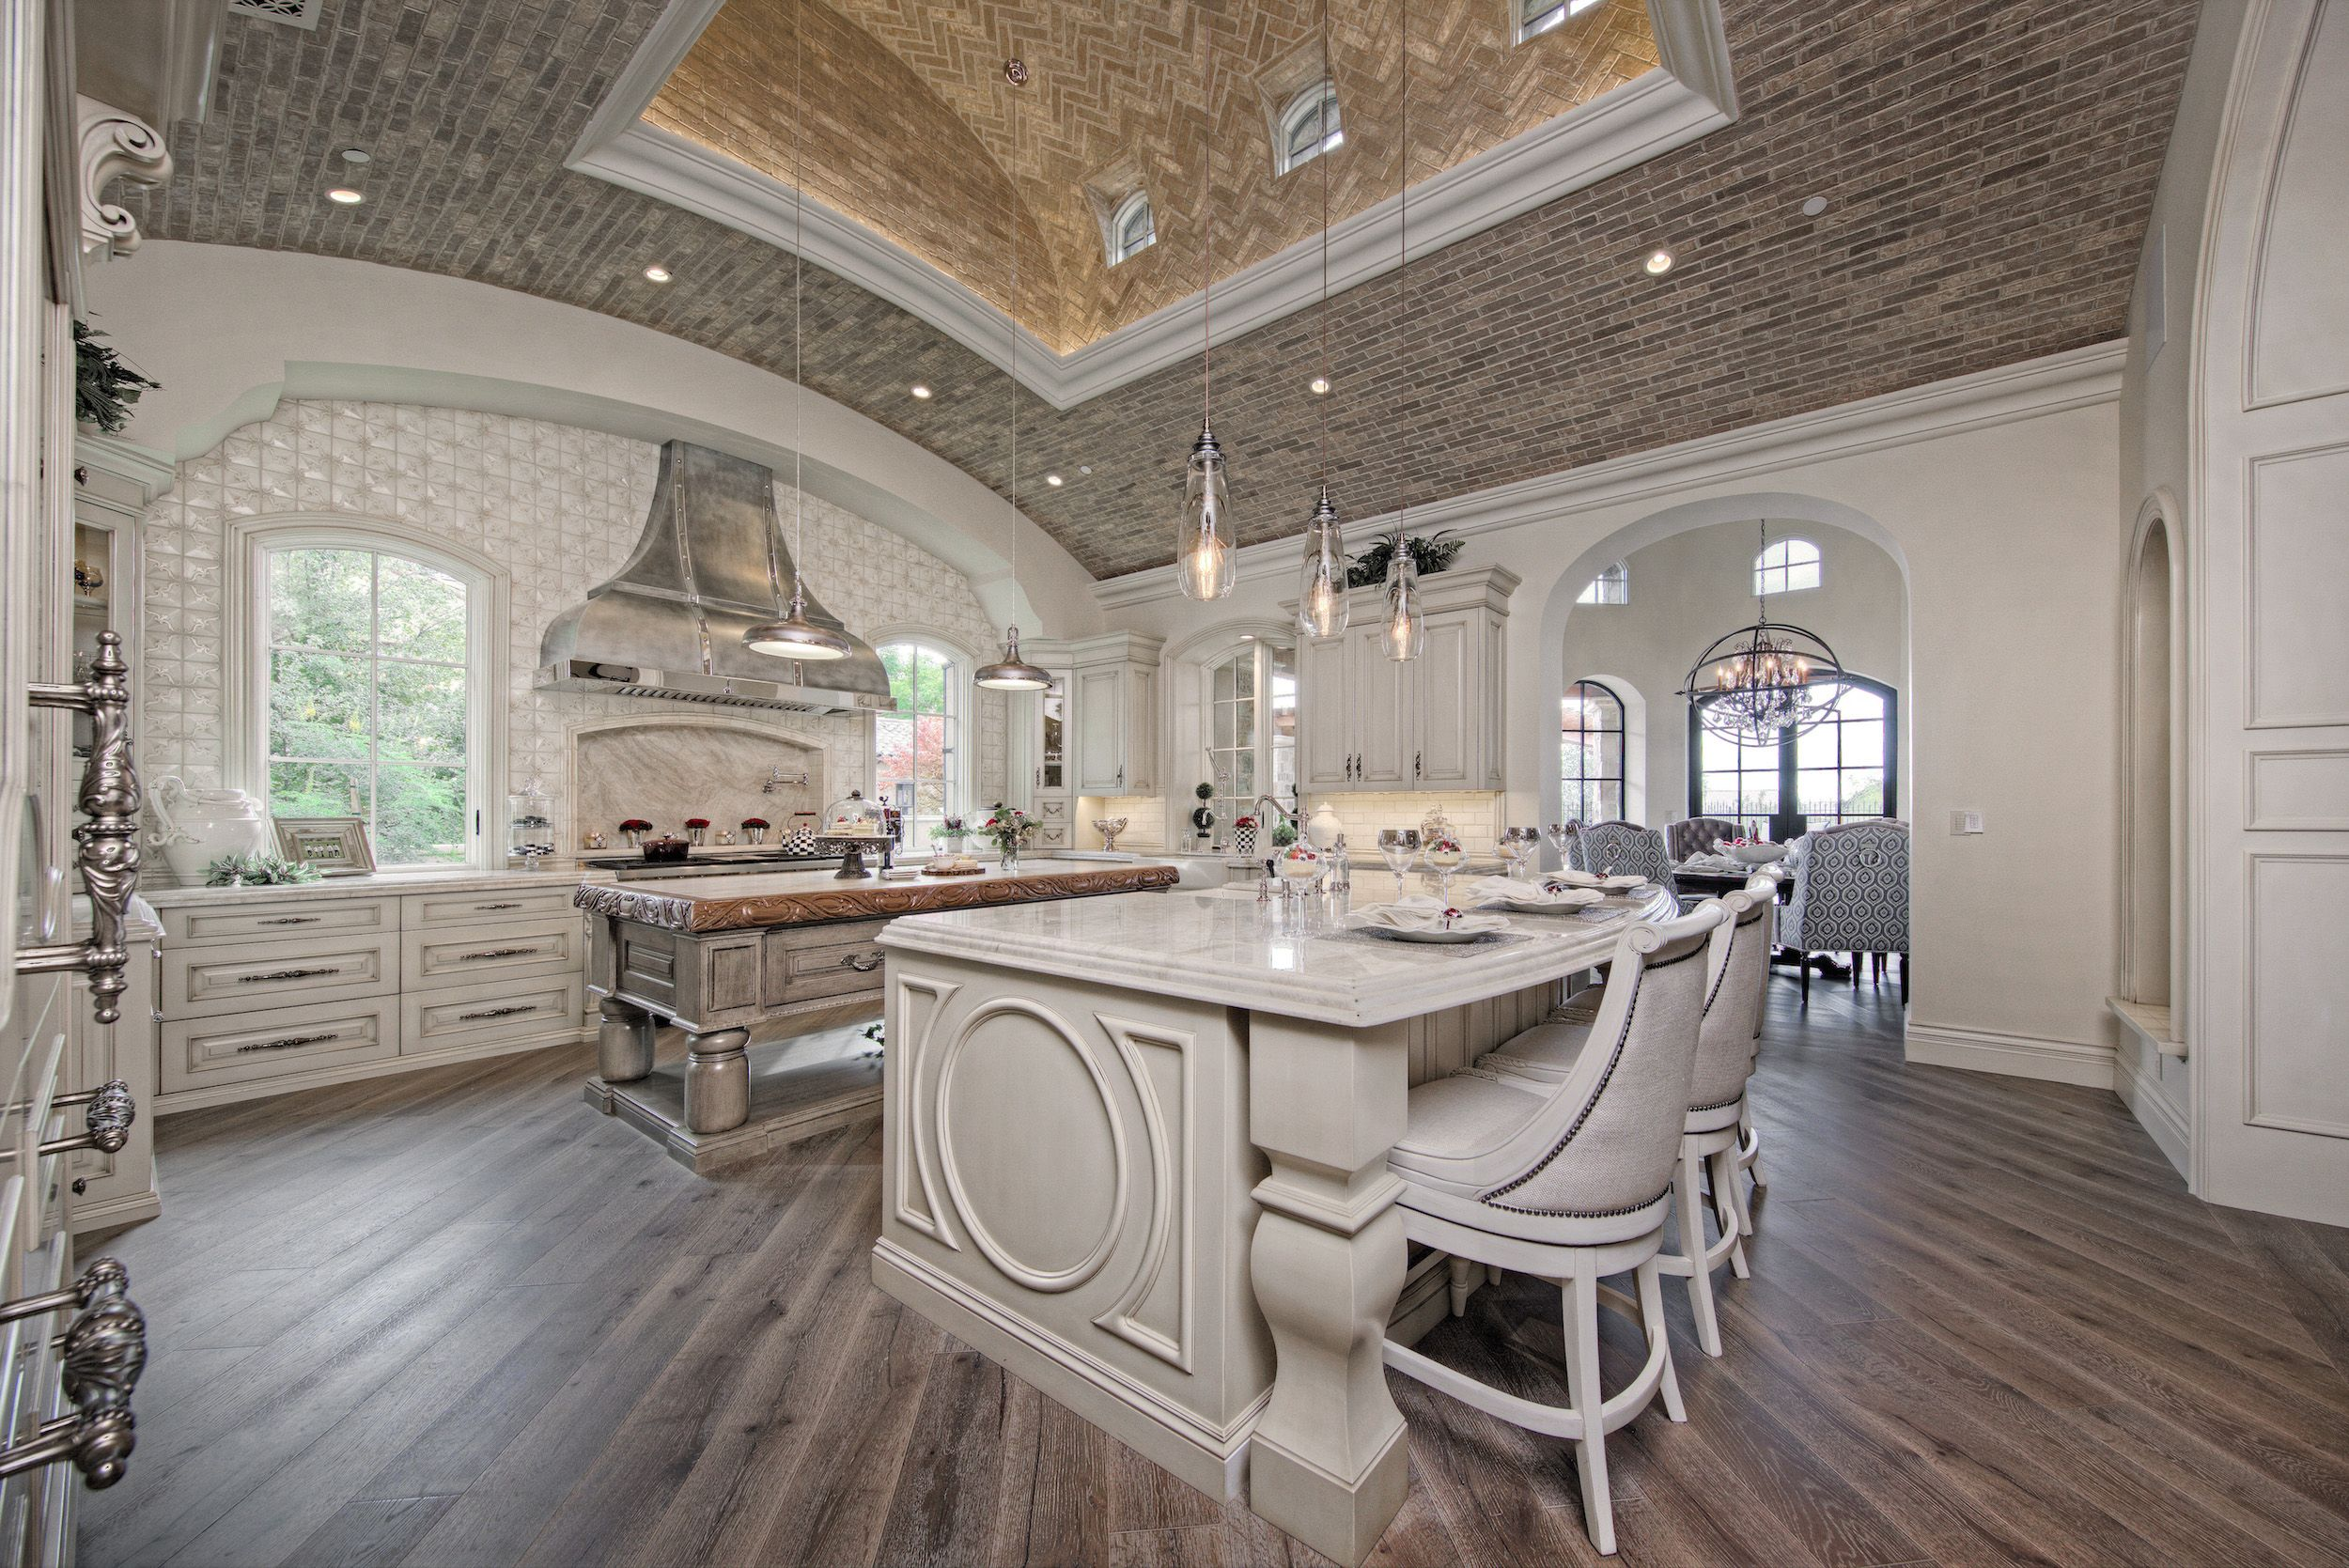 luxury french villa custom home kitchen wood flooring white interior luxury kitchens mansion on kitchen interior luxury id=48671